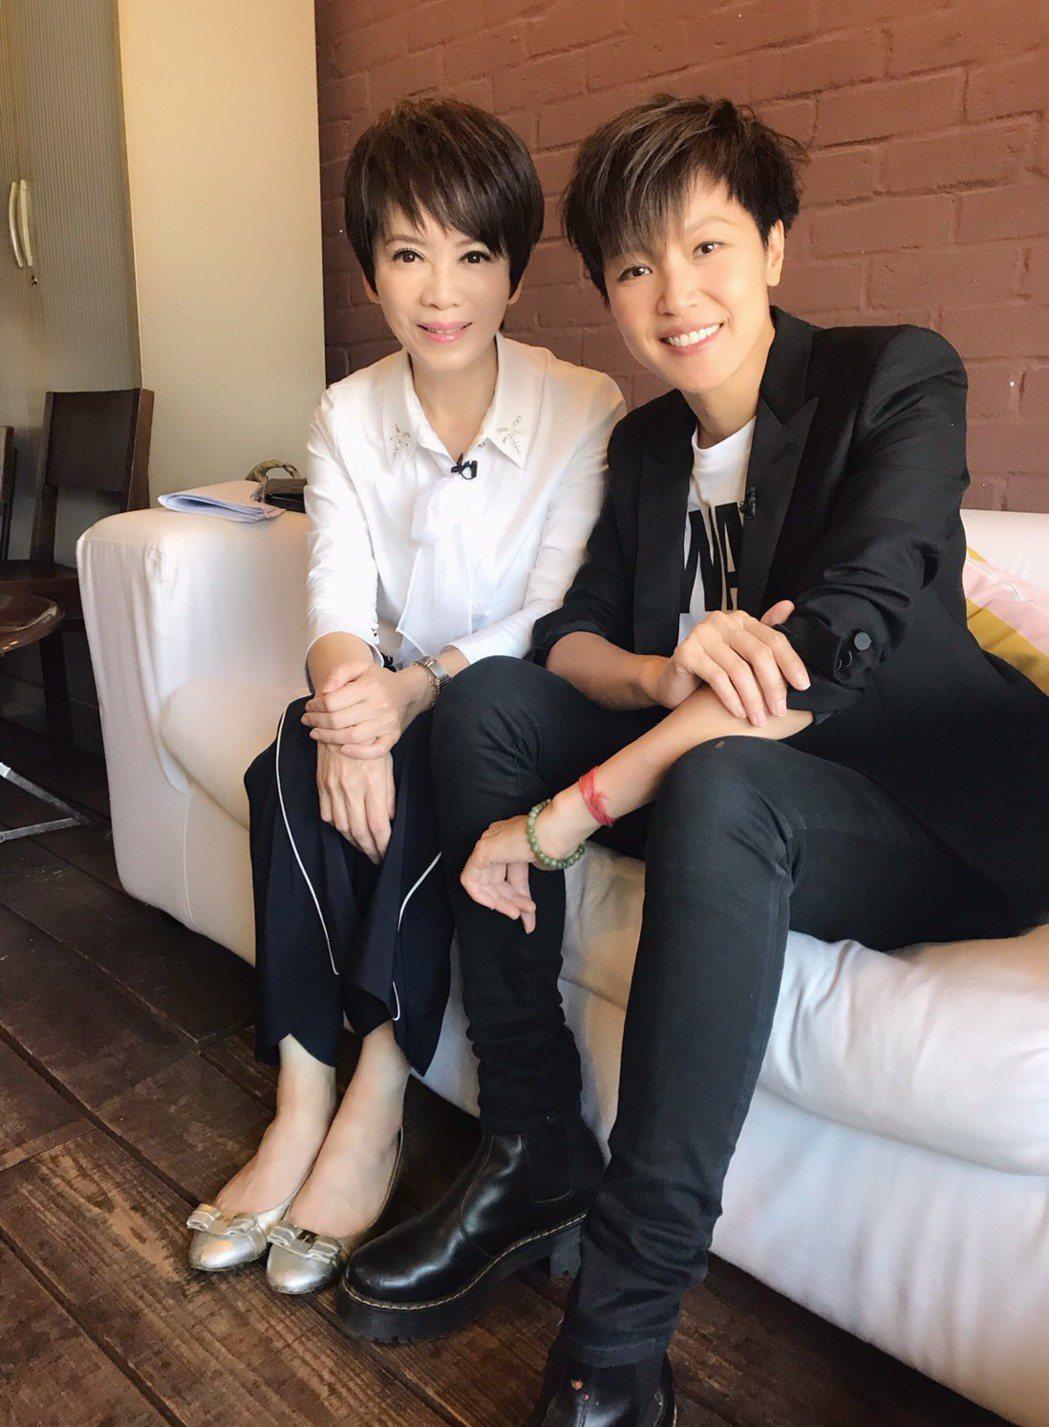 何韻詩接受陳雅琳專訪。圖/壹電視提供